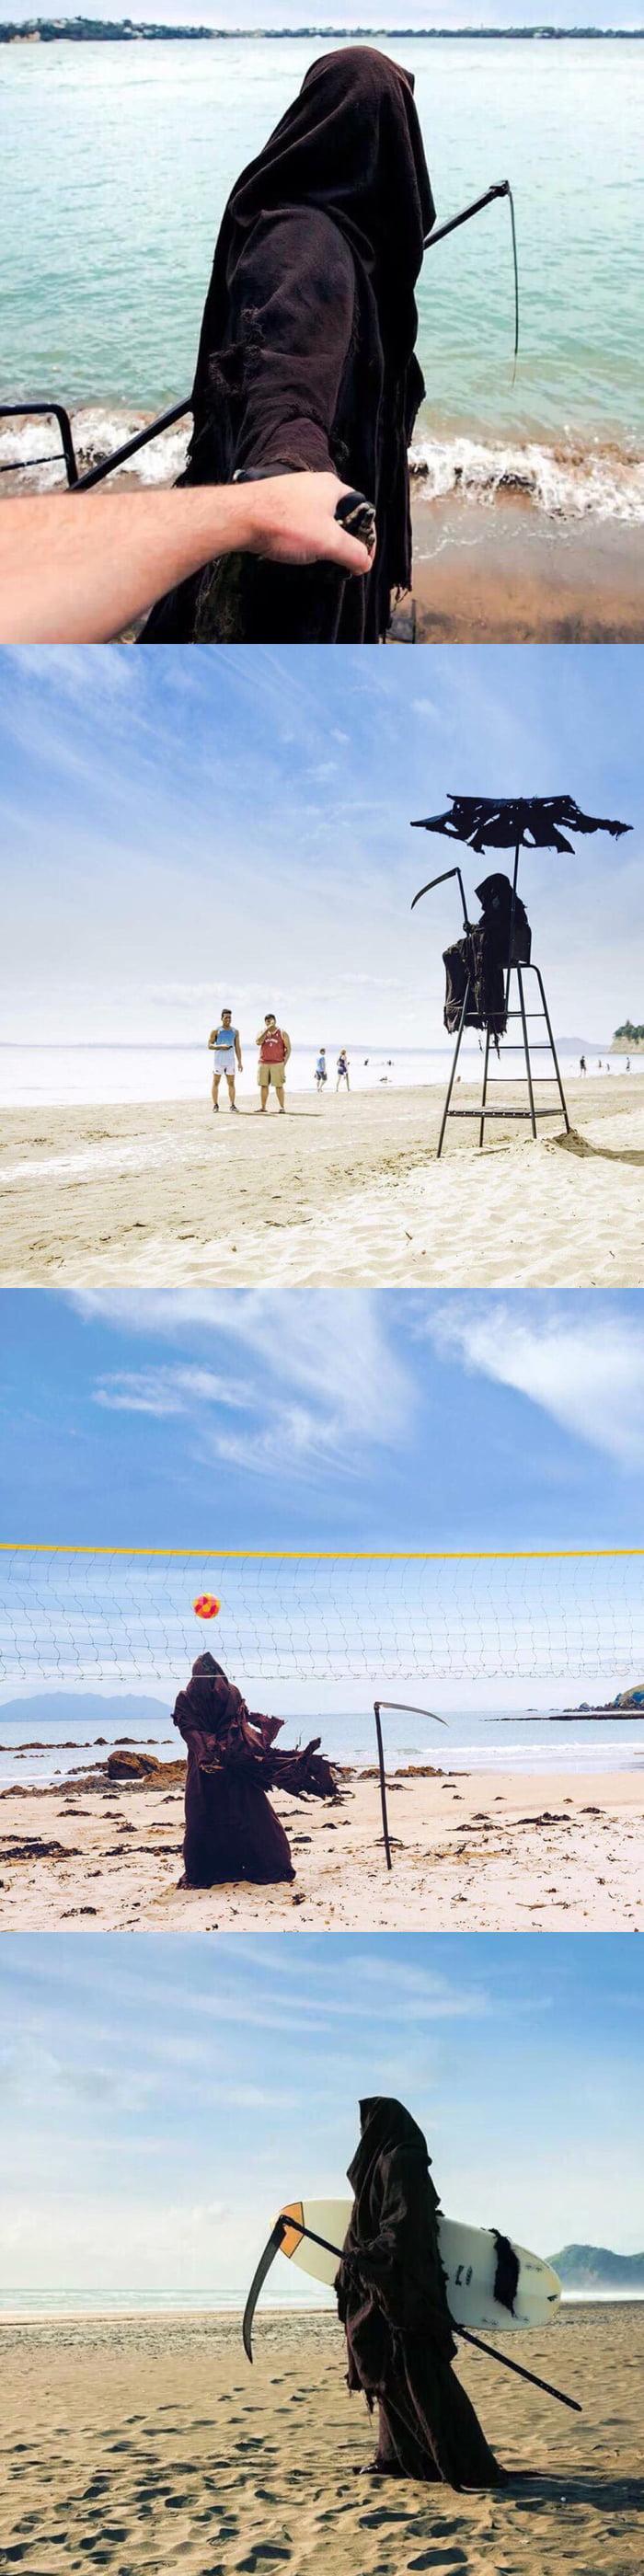 Imagini amuzante si haioase - What a nice summer